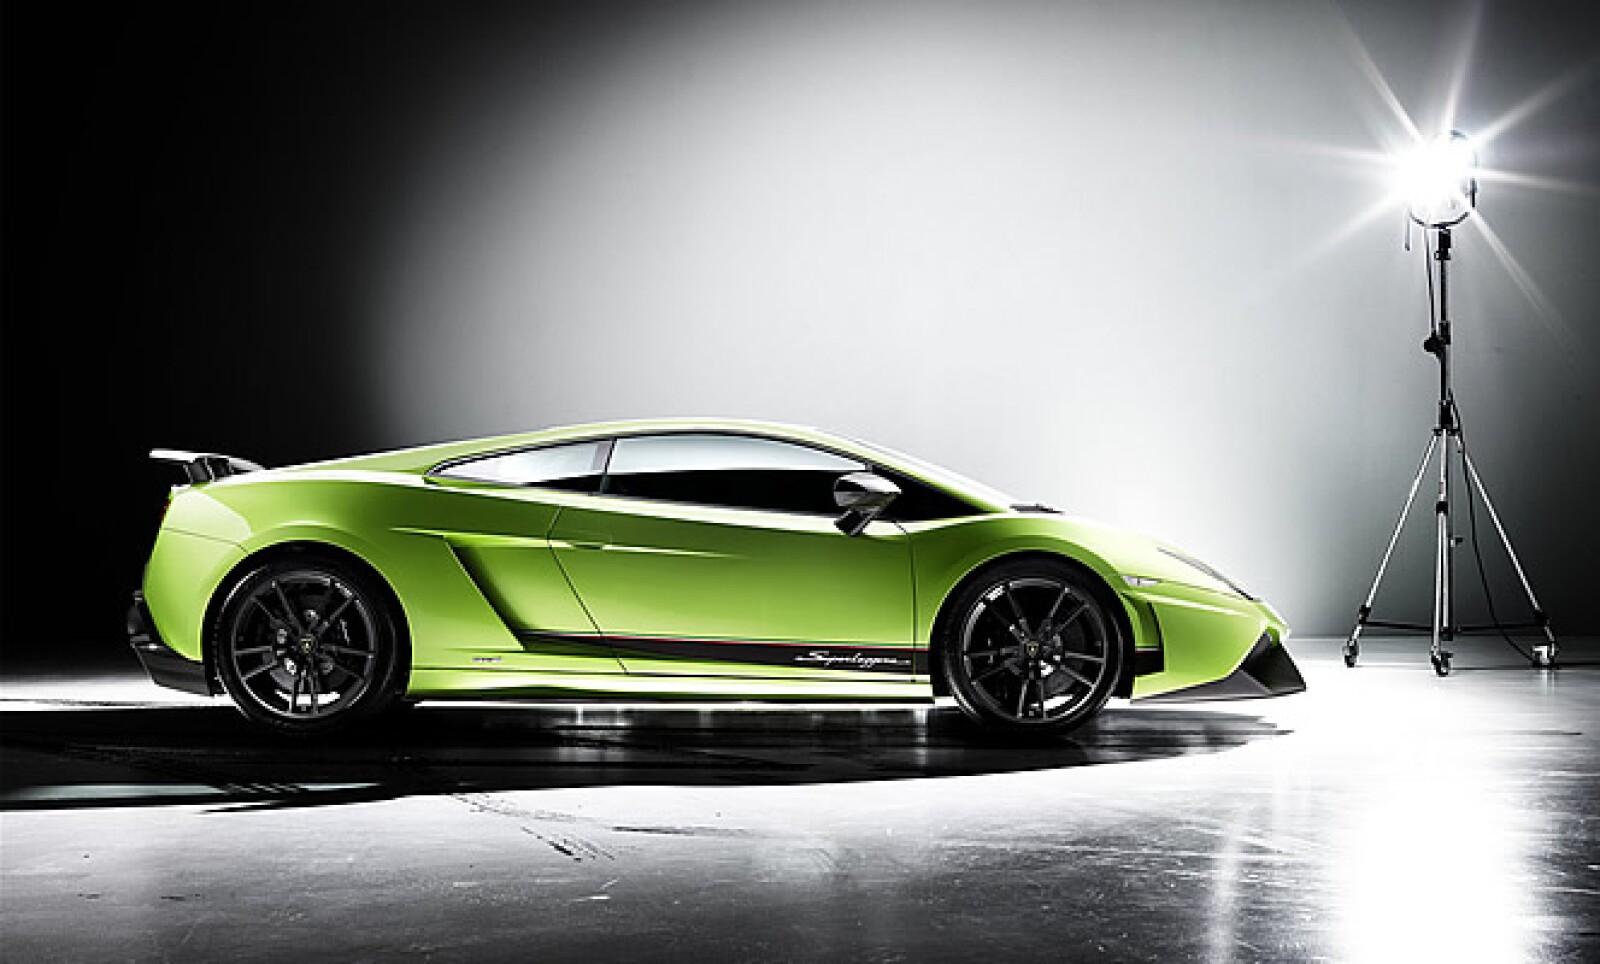 Presentado este 2010, es la más reciente creación de la firma de súper autos. Con un peso total de 1,410 kilógramos y una velocidad máxima de 325 km/h, sobresale por su motor V10 de 380 caballos de fuerza  y su emisión reducida de CO2.